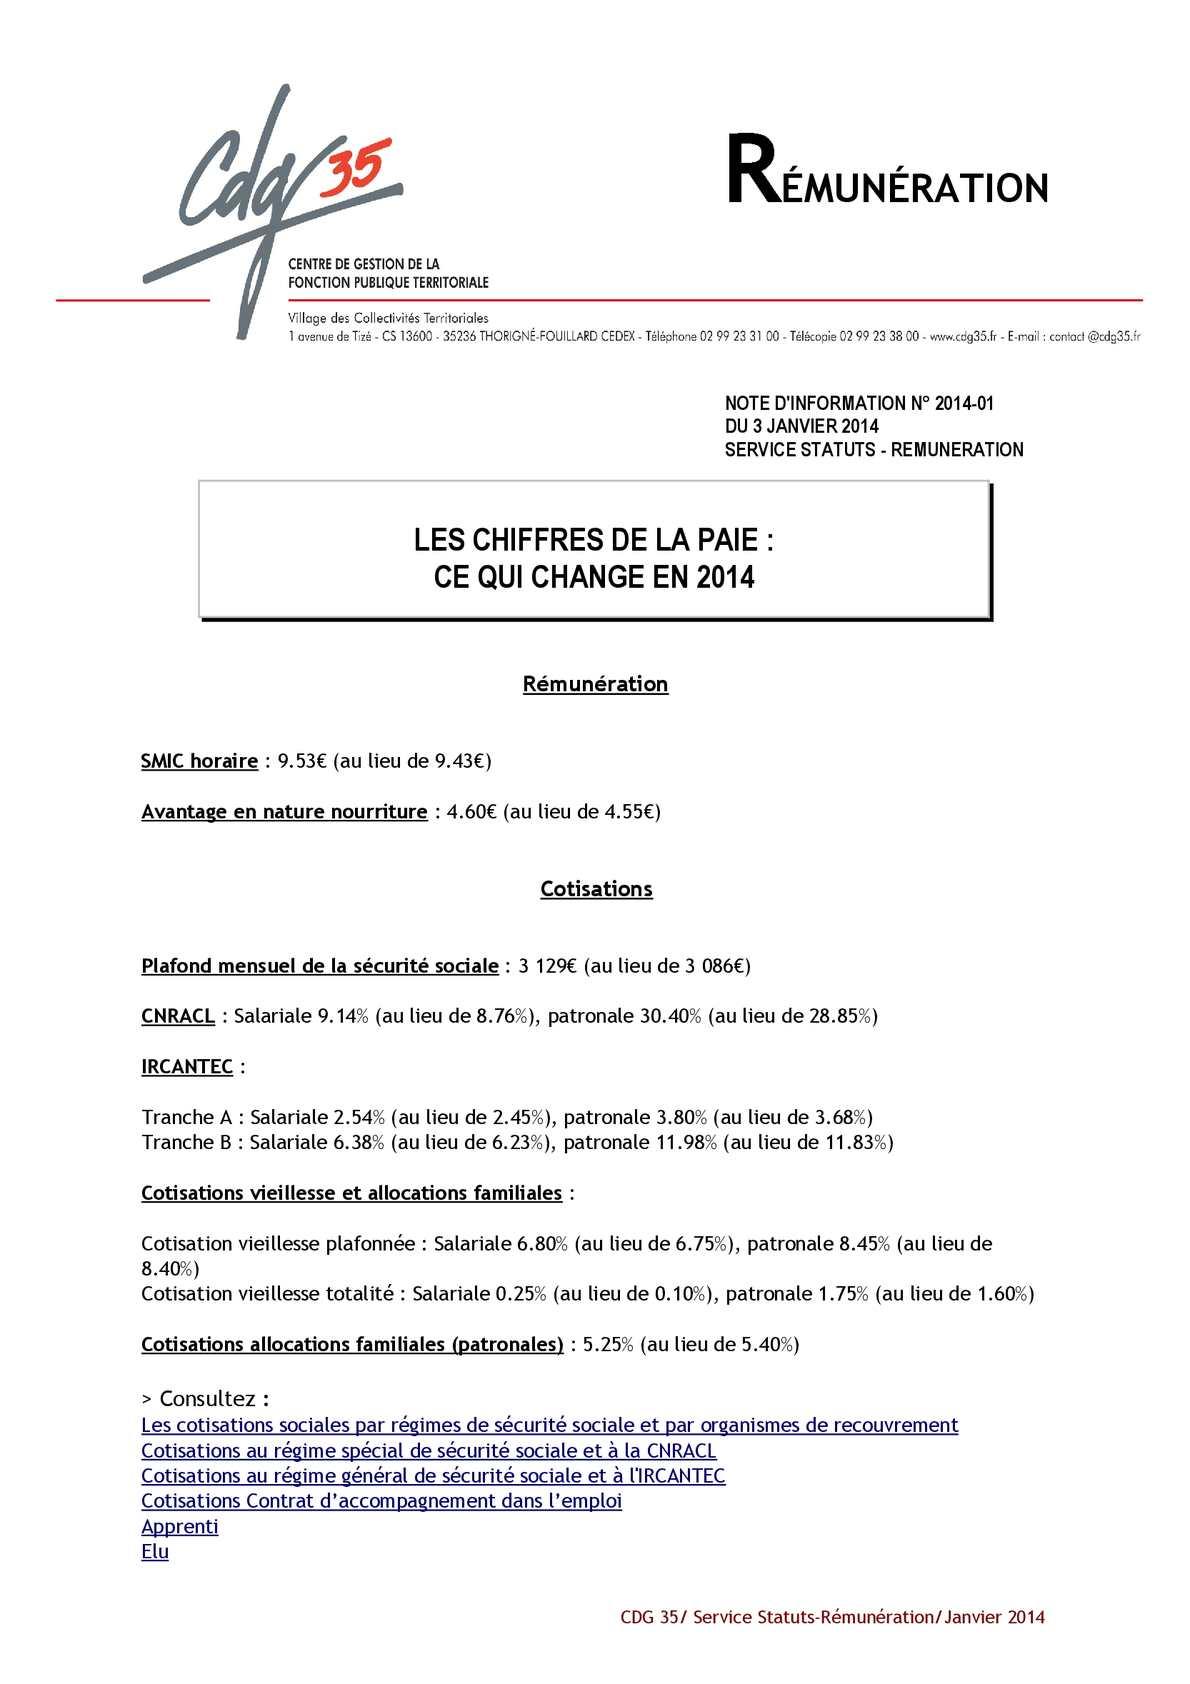 Calam o gayraud dominique chiffres de la paie 2014 - Plafond mensuel de la securite sociale ...